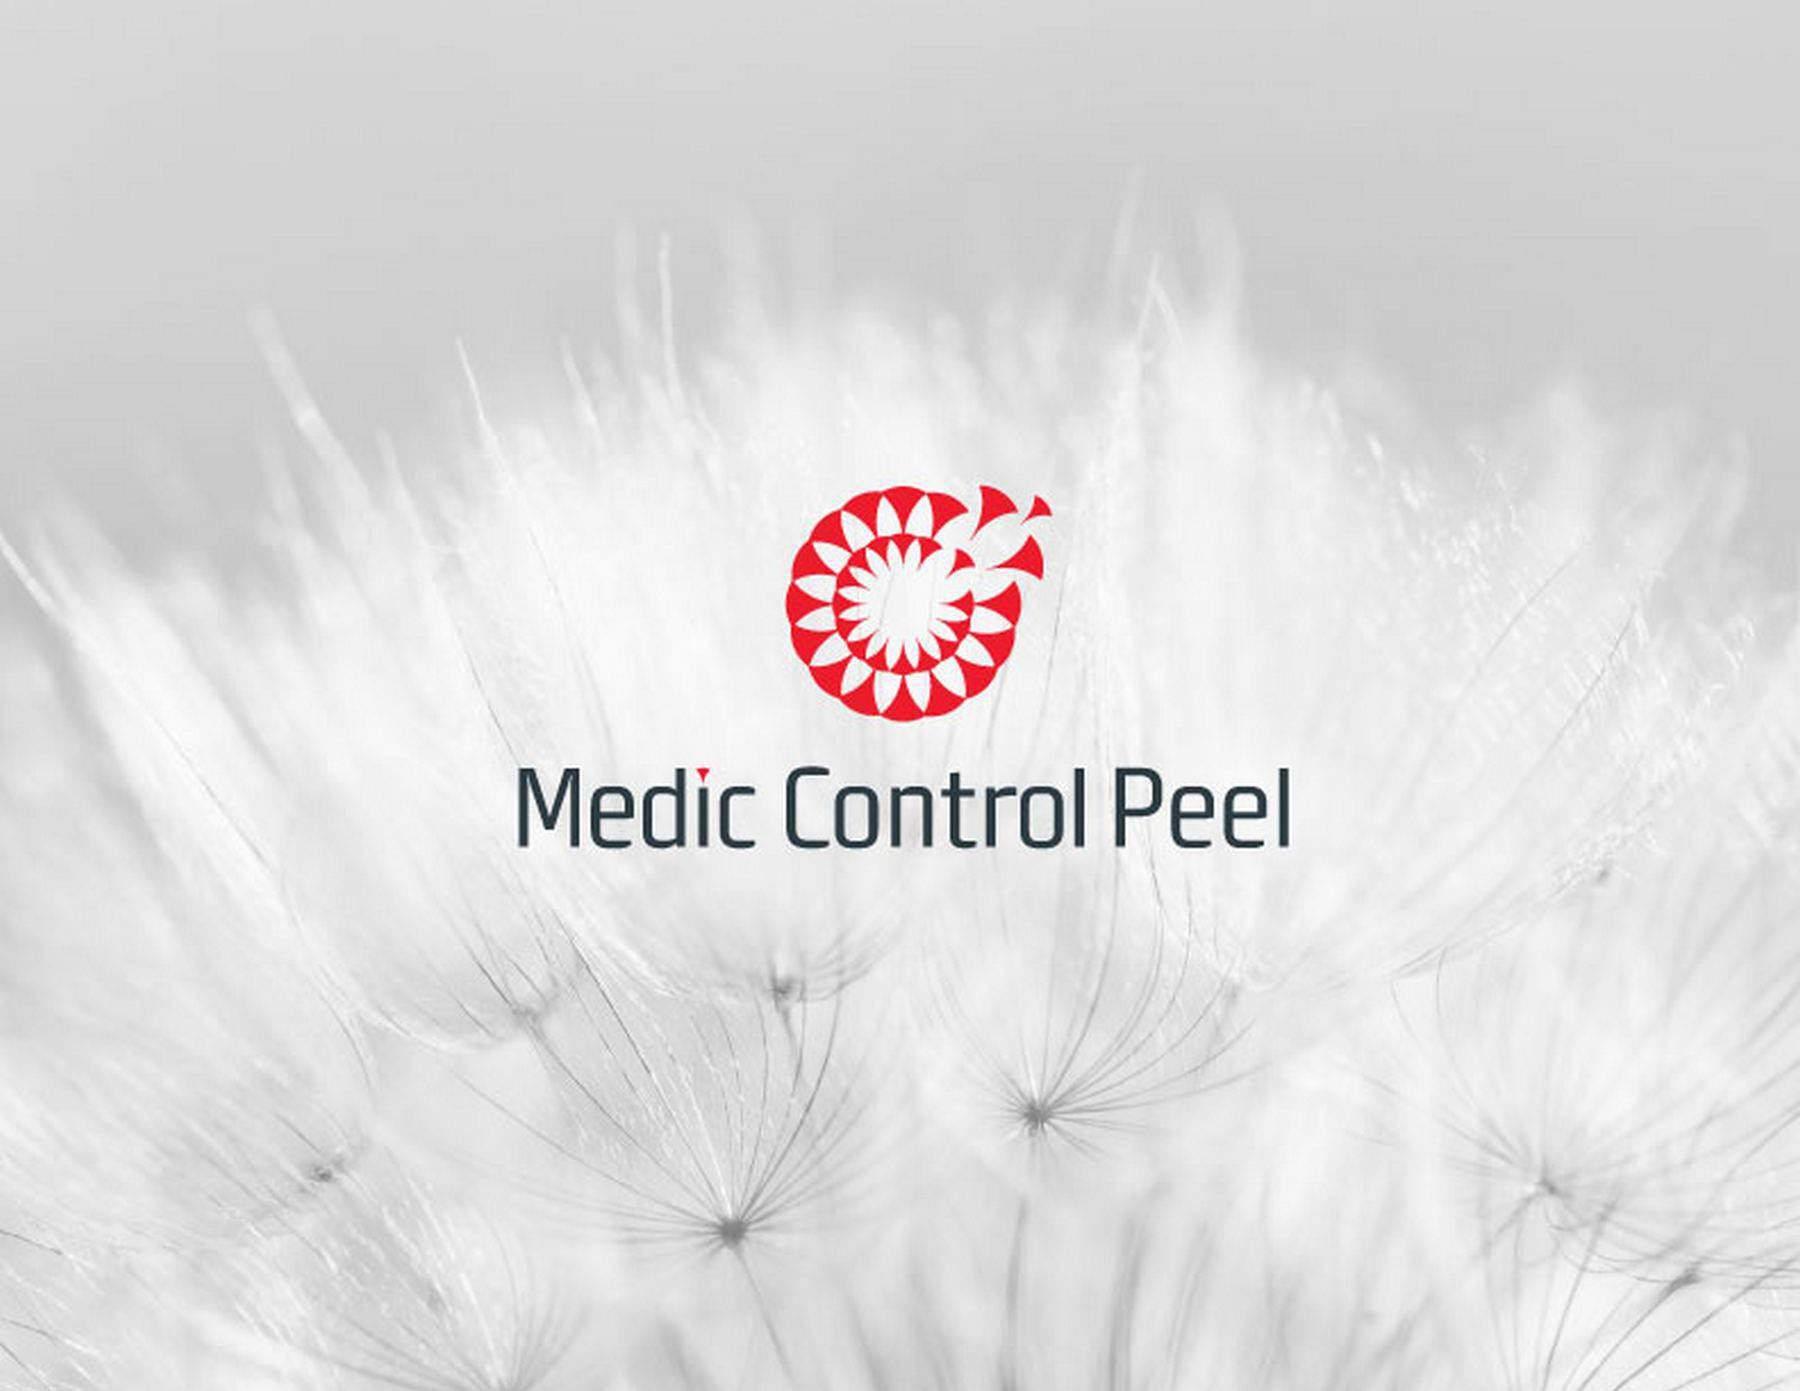 Разработка фирменного стиля для линейки пилингов MCP портфолио